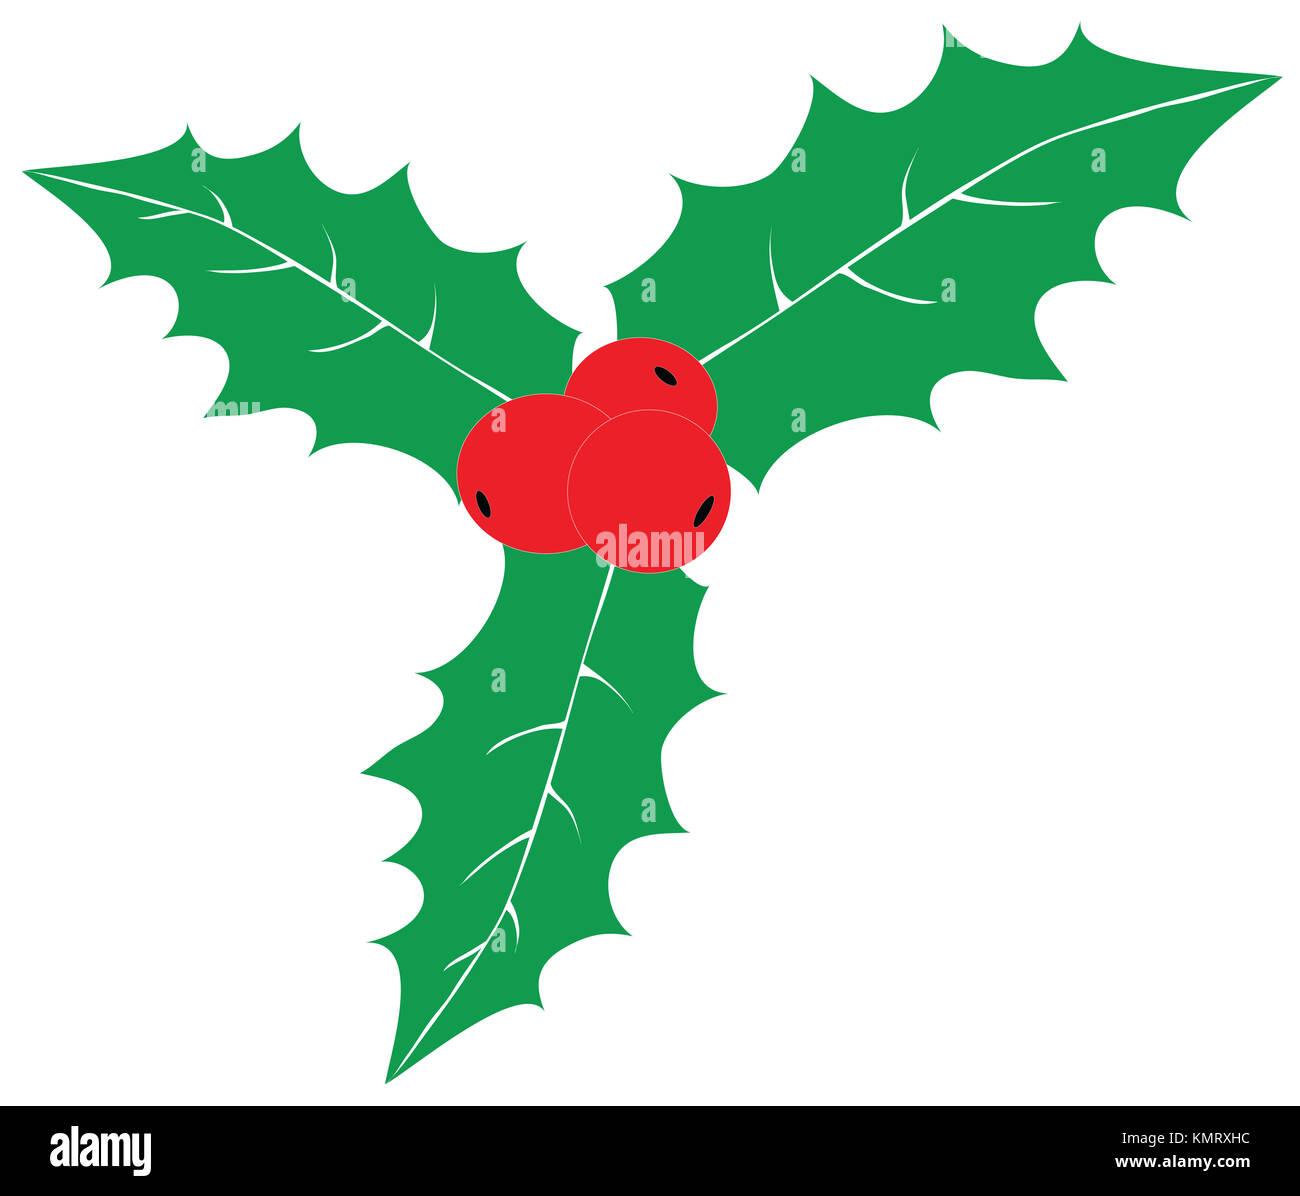 Natale agrifoglio rosse bacche con foglie verdi isolati su sfondo bianco. Tradizionale ornamento di Natale icone Immagini Stock